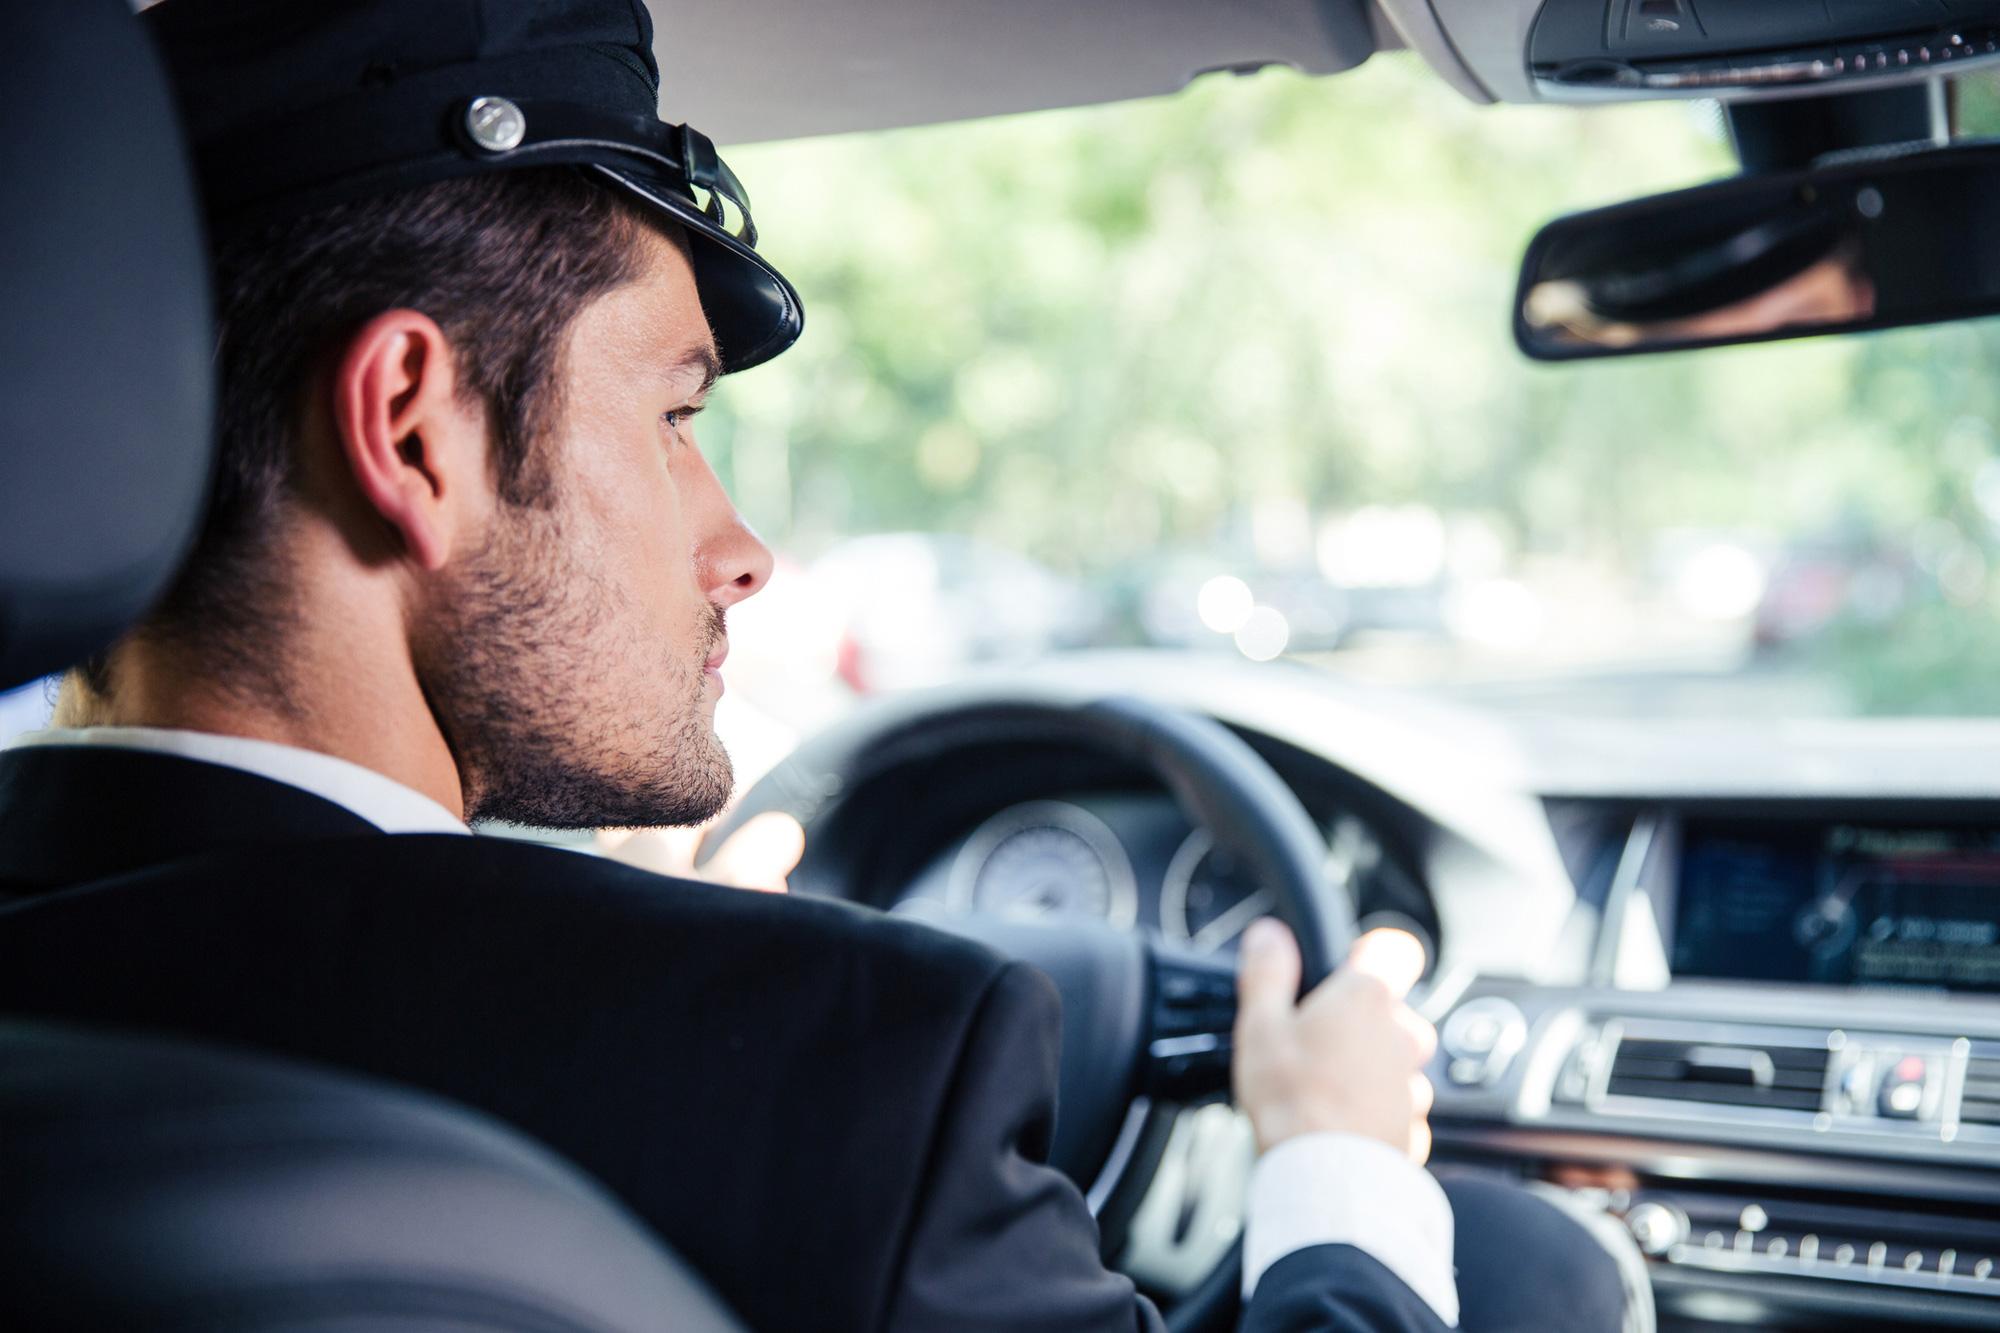 A Chauffeur driving a car